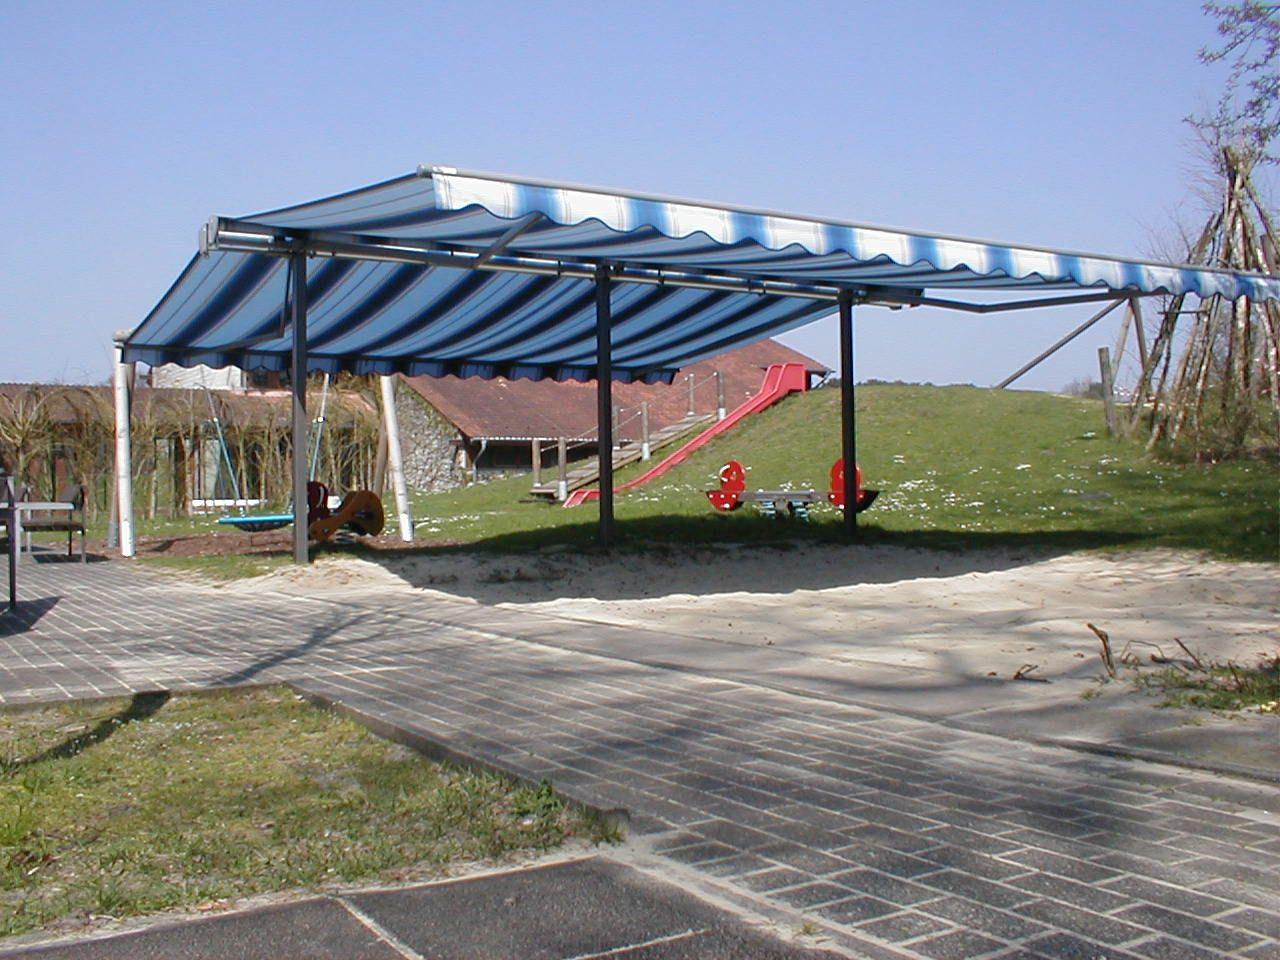 Doppelmarkise An Stahlgestell Freistehend Markise Terrassendach Terassenideen